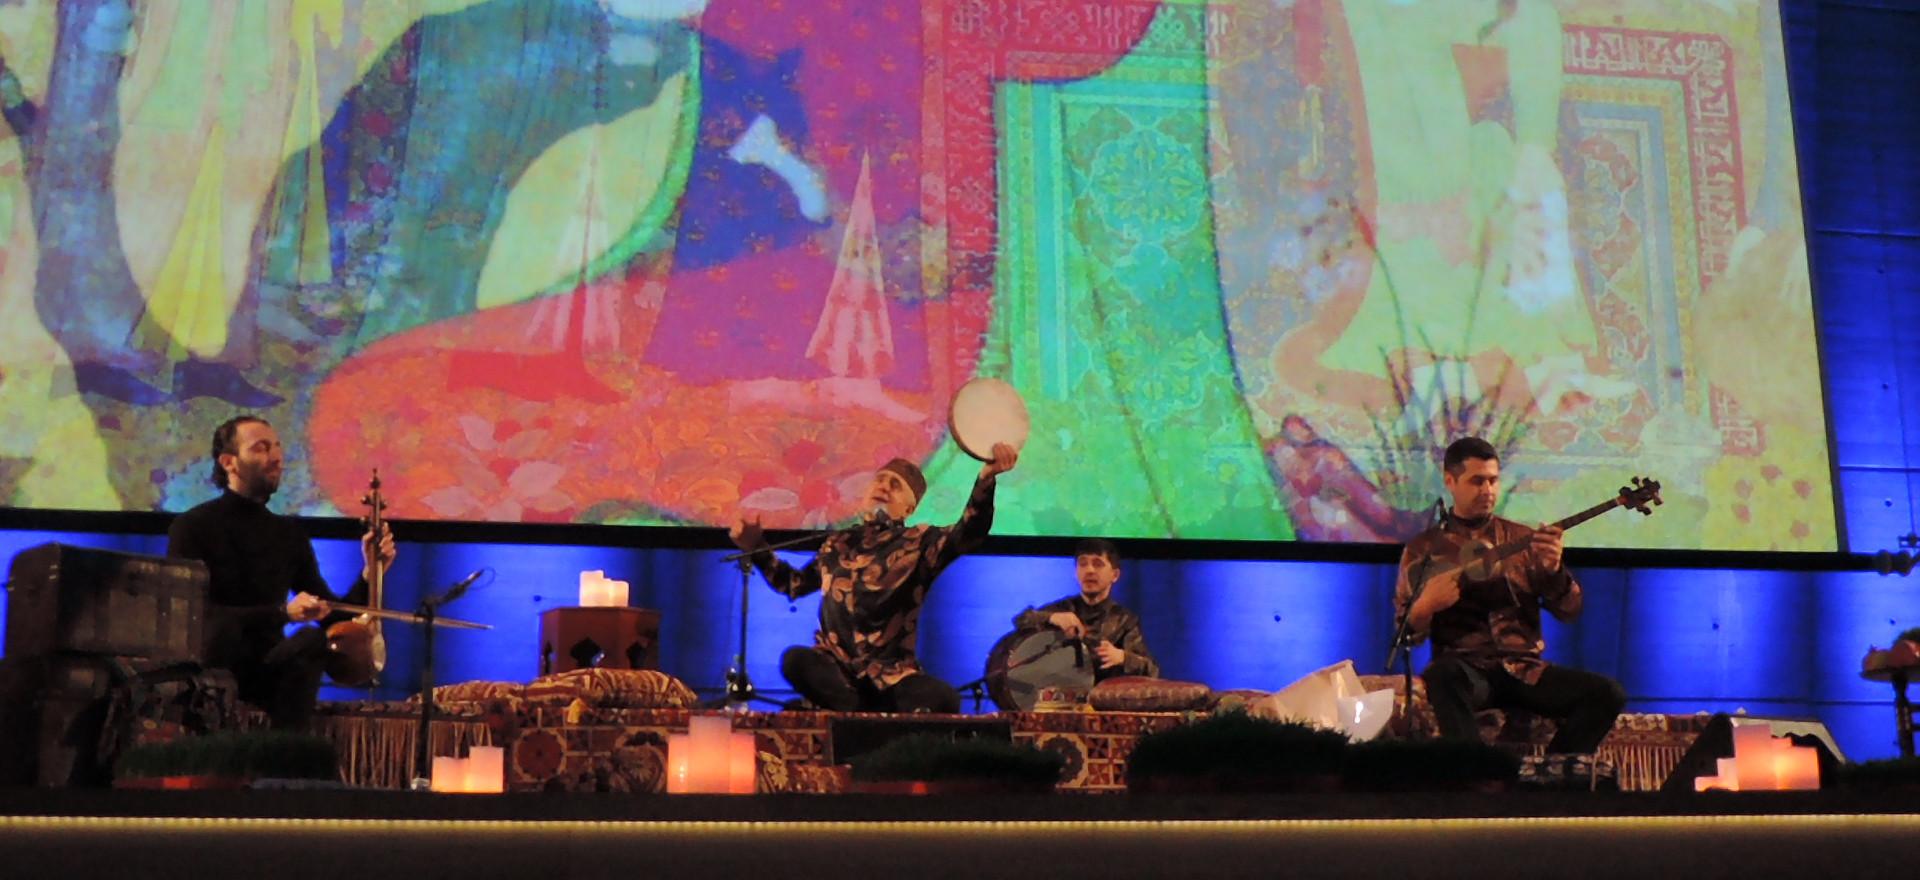 CONCERT ALIM QASIMOV IN UNESCO - PARIS MARCH 20, 2019 SEVEN BEAUTIES CONCERT